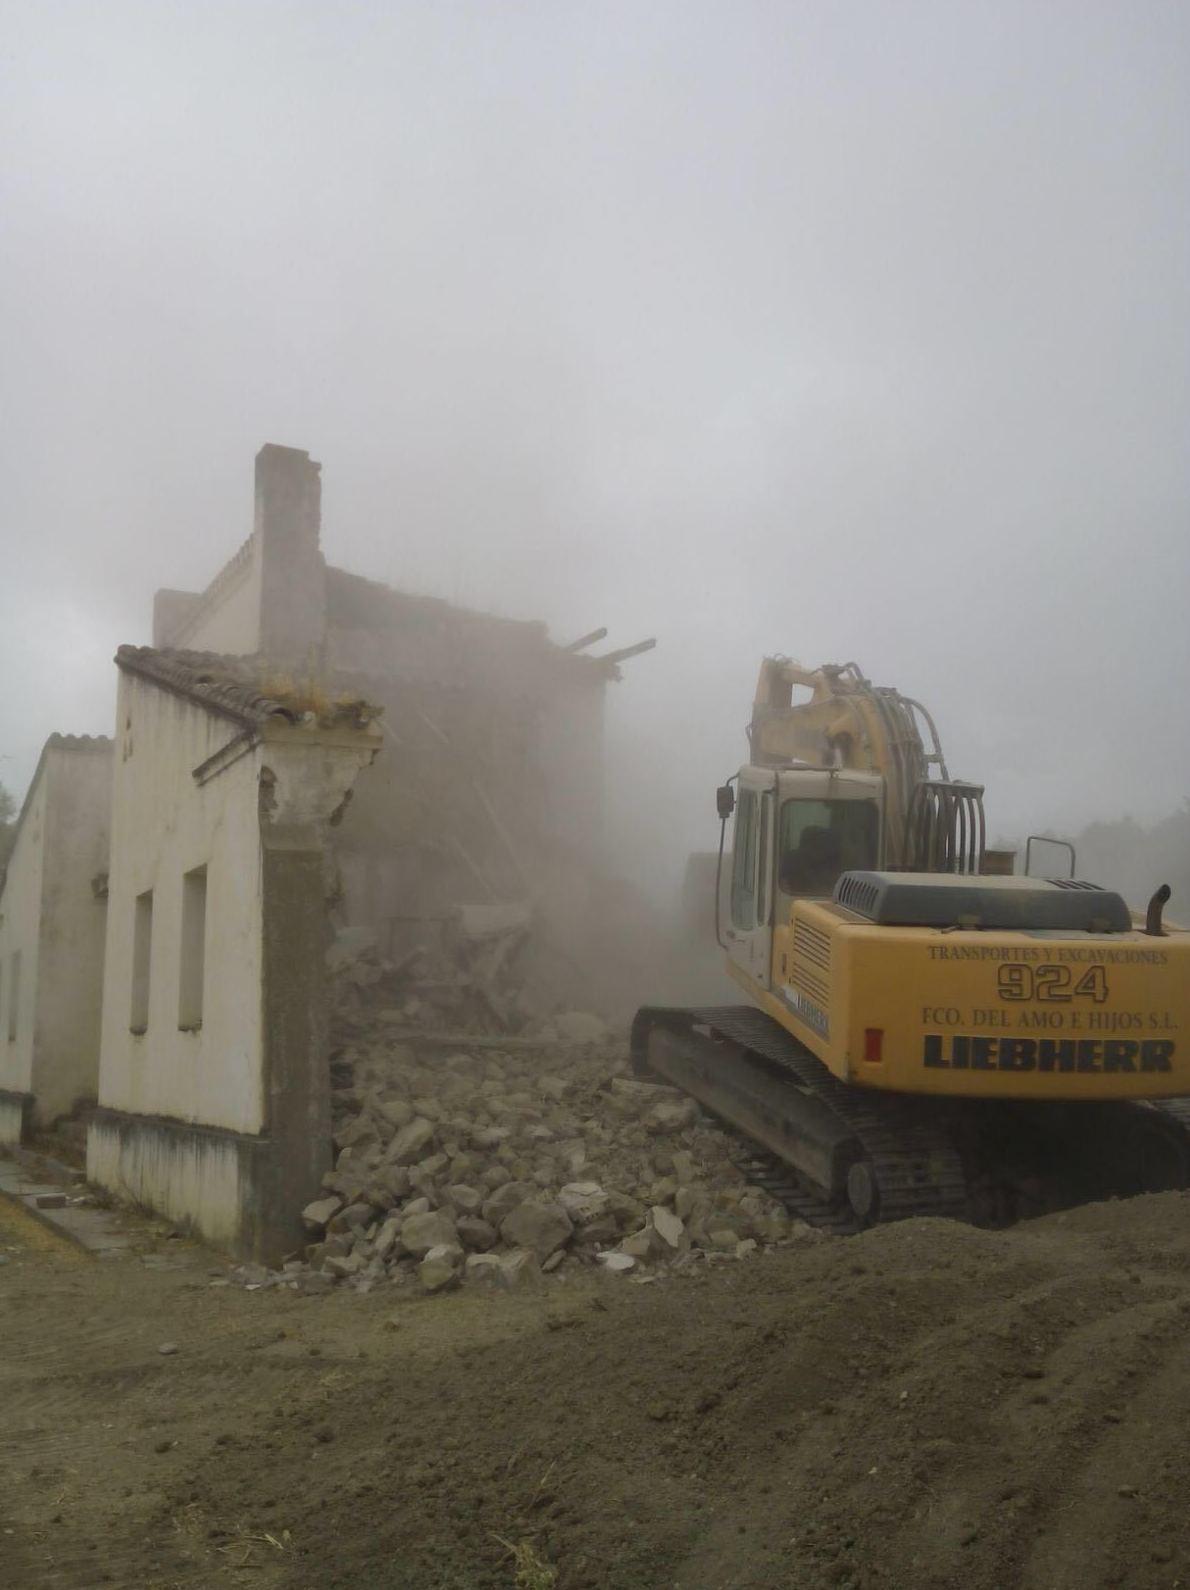 Foto 14 de Excavaciones en Navas de Tolosa | Francisco del Amo e Hijos